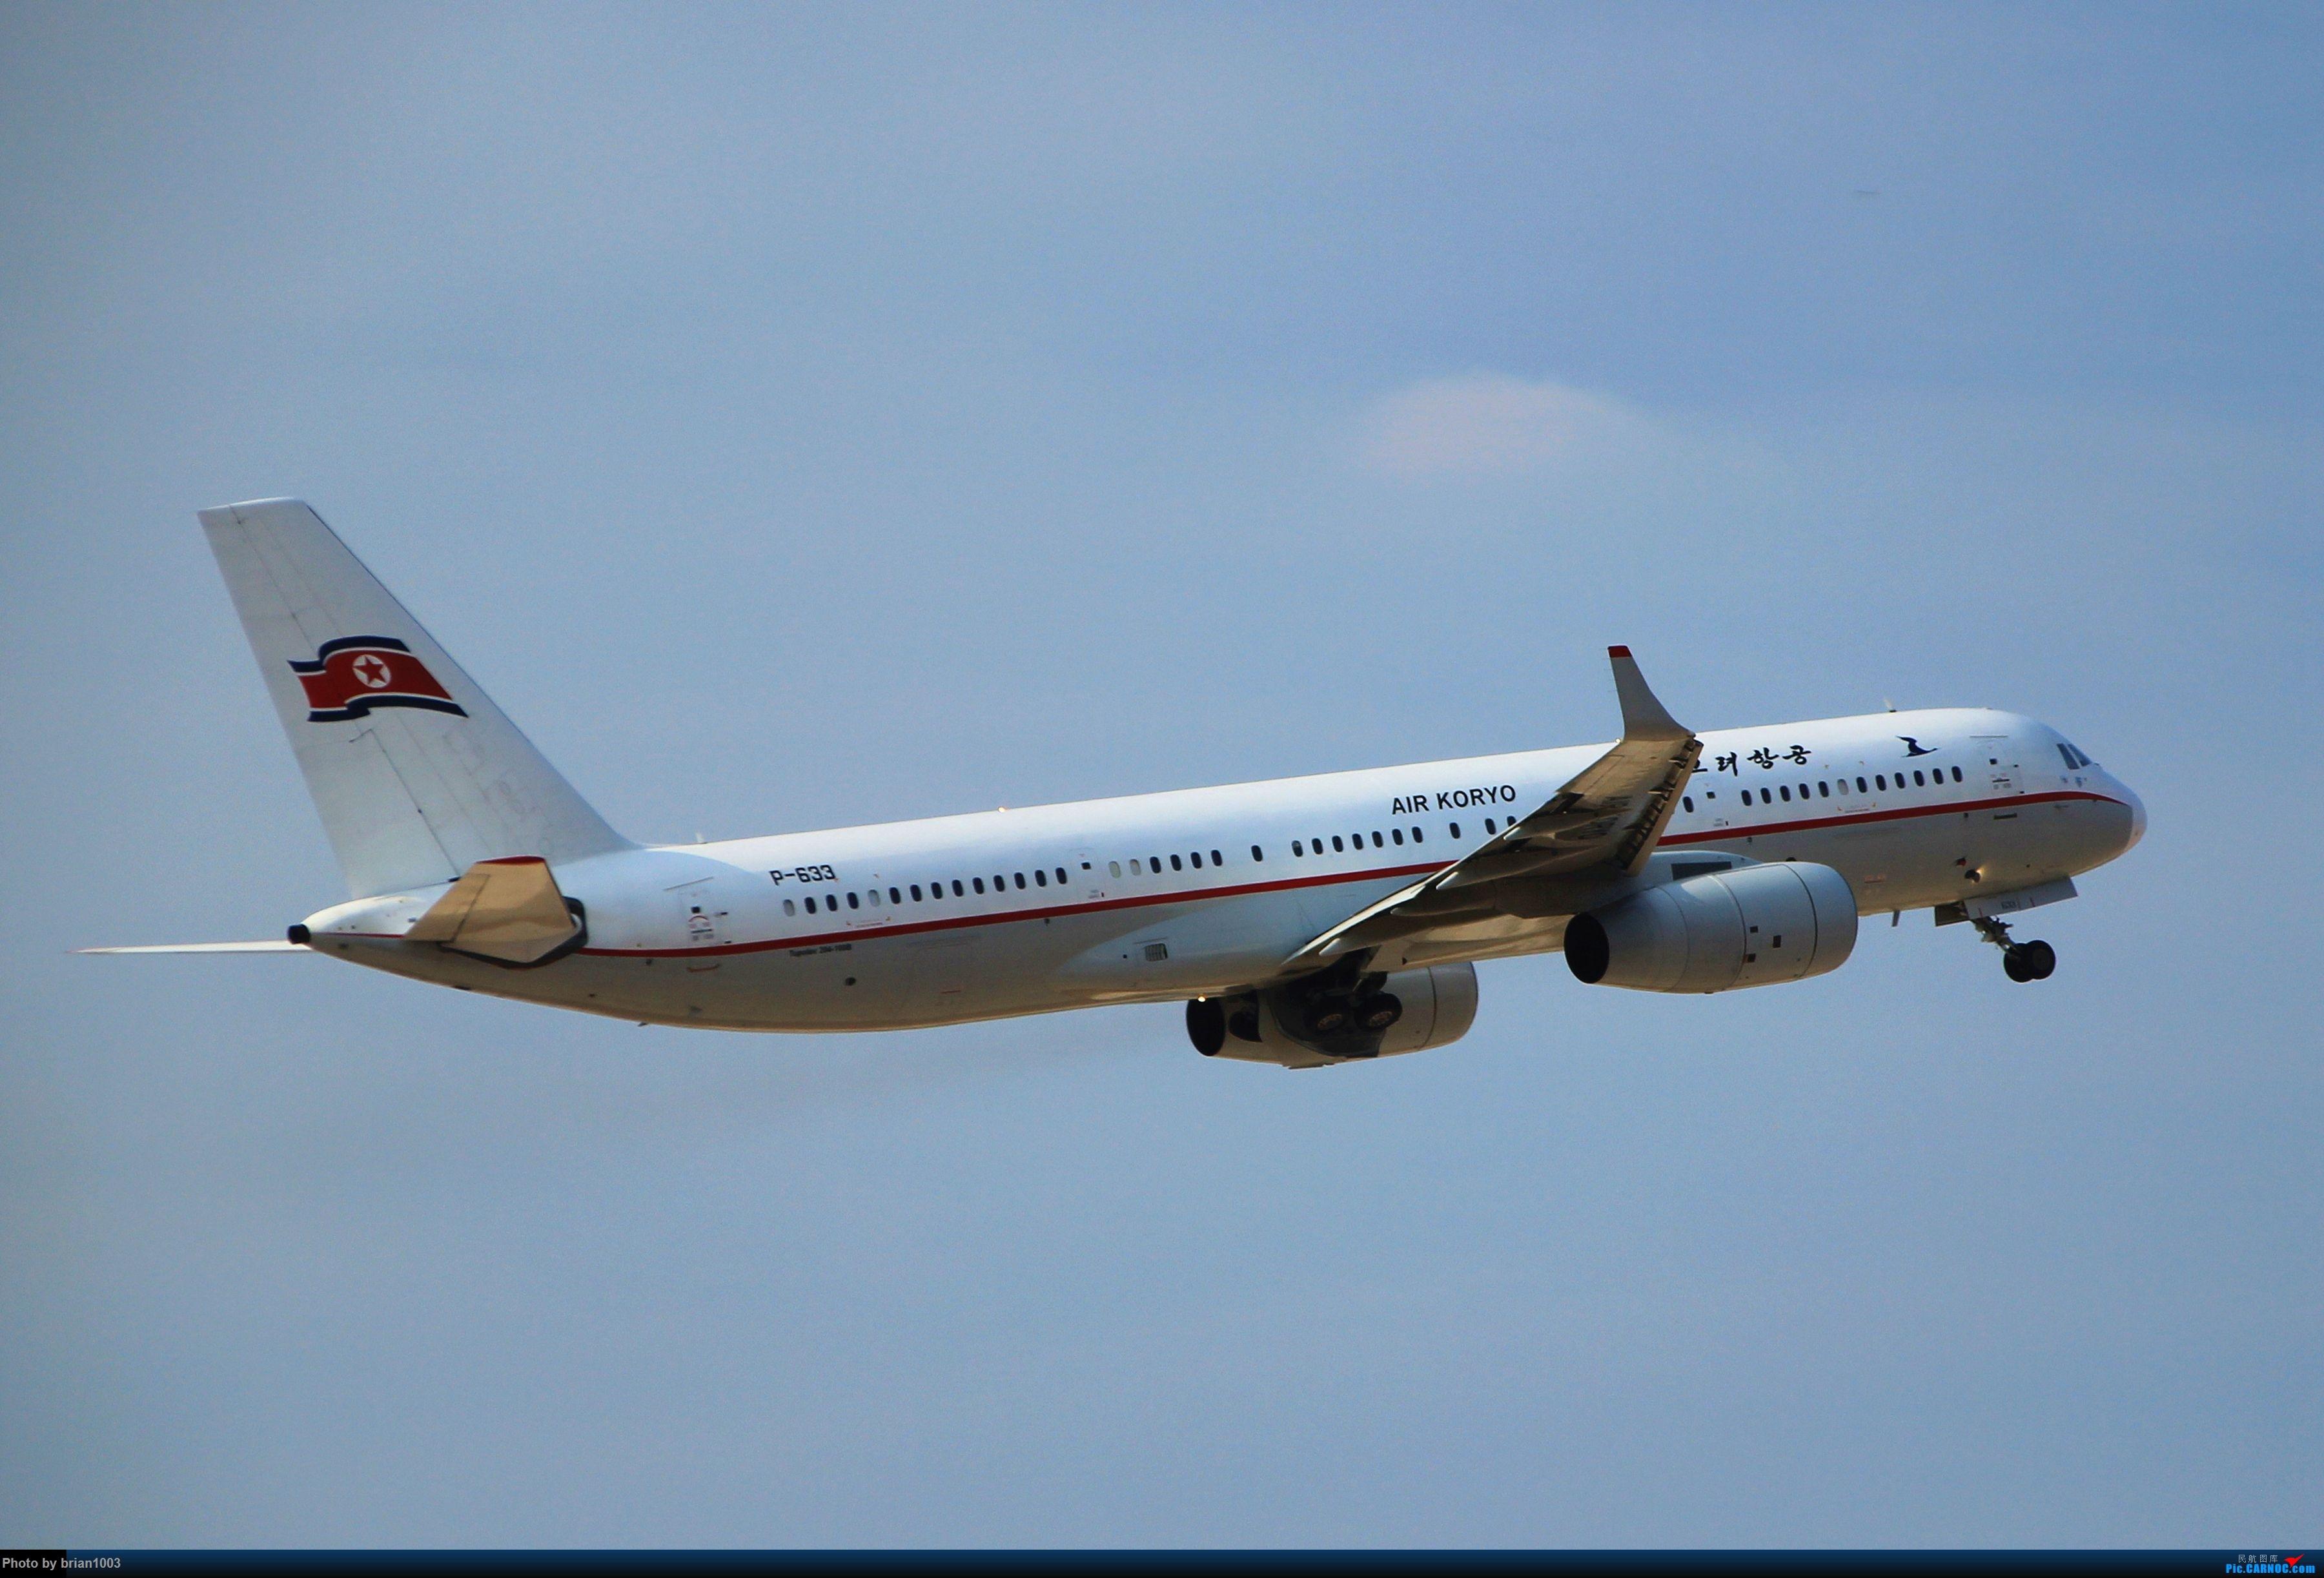 Re:[原创]WUH武汉天河机场拍机之精彩满满的十月(还可能更新) TUPOLEV TU-204 P-633 中国武汉天河国际机场